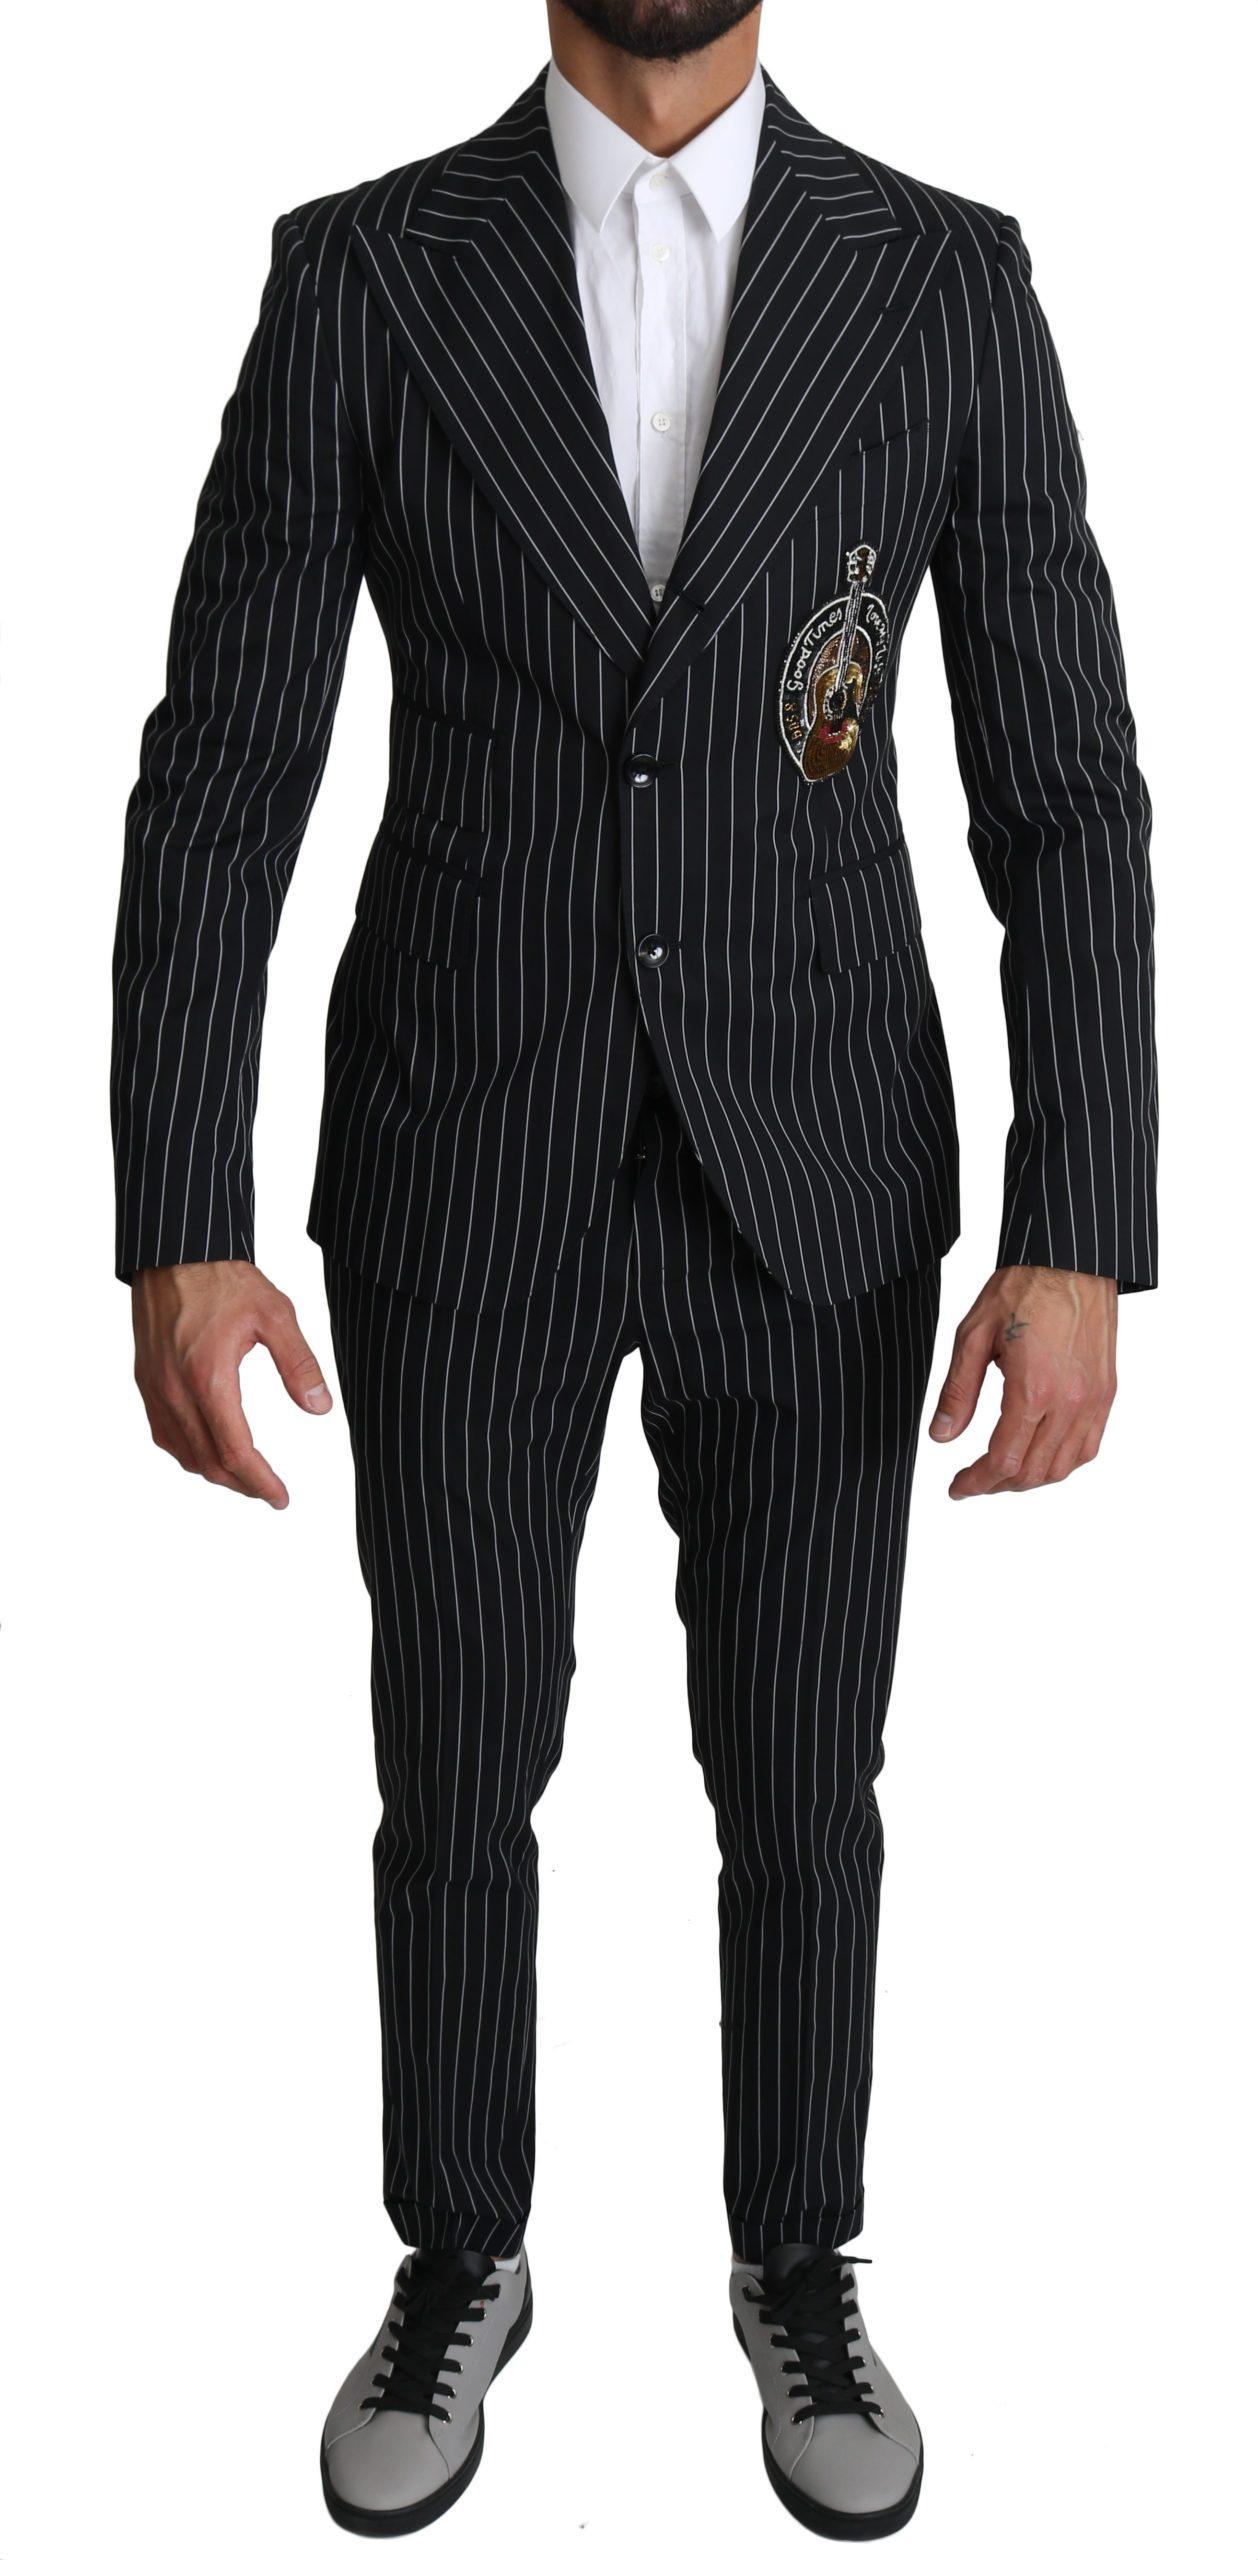 Dolce & Gabbana Men's Stripes Guitar Patch 2 Piece Suit Beige KOS1526 - IT46 | S